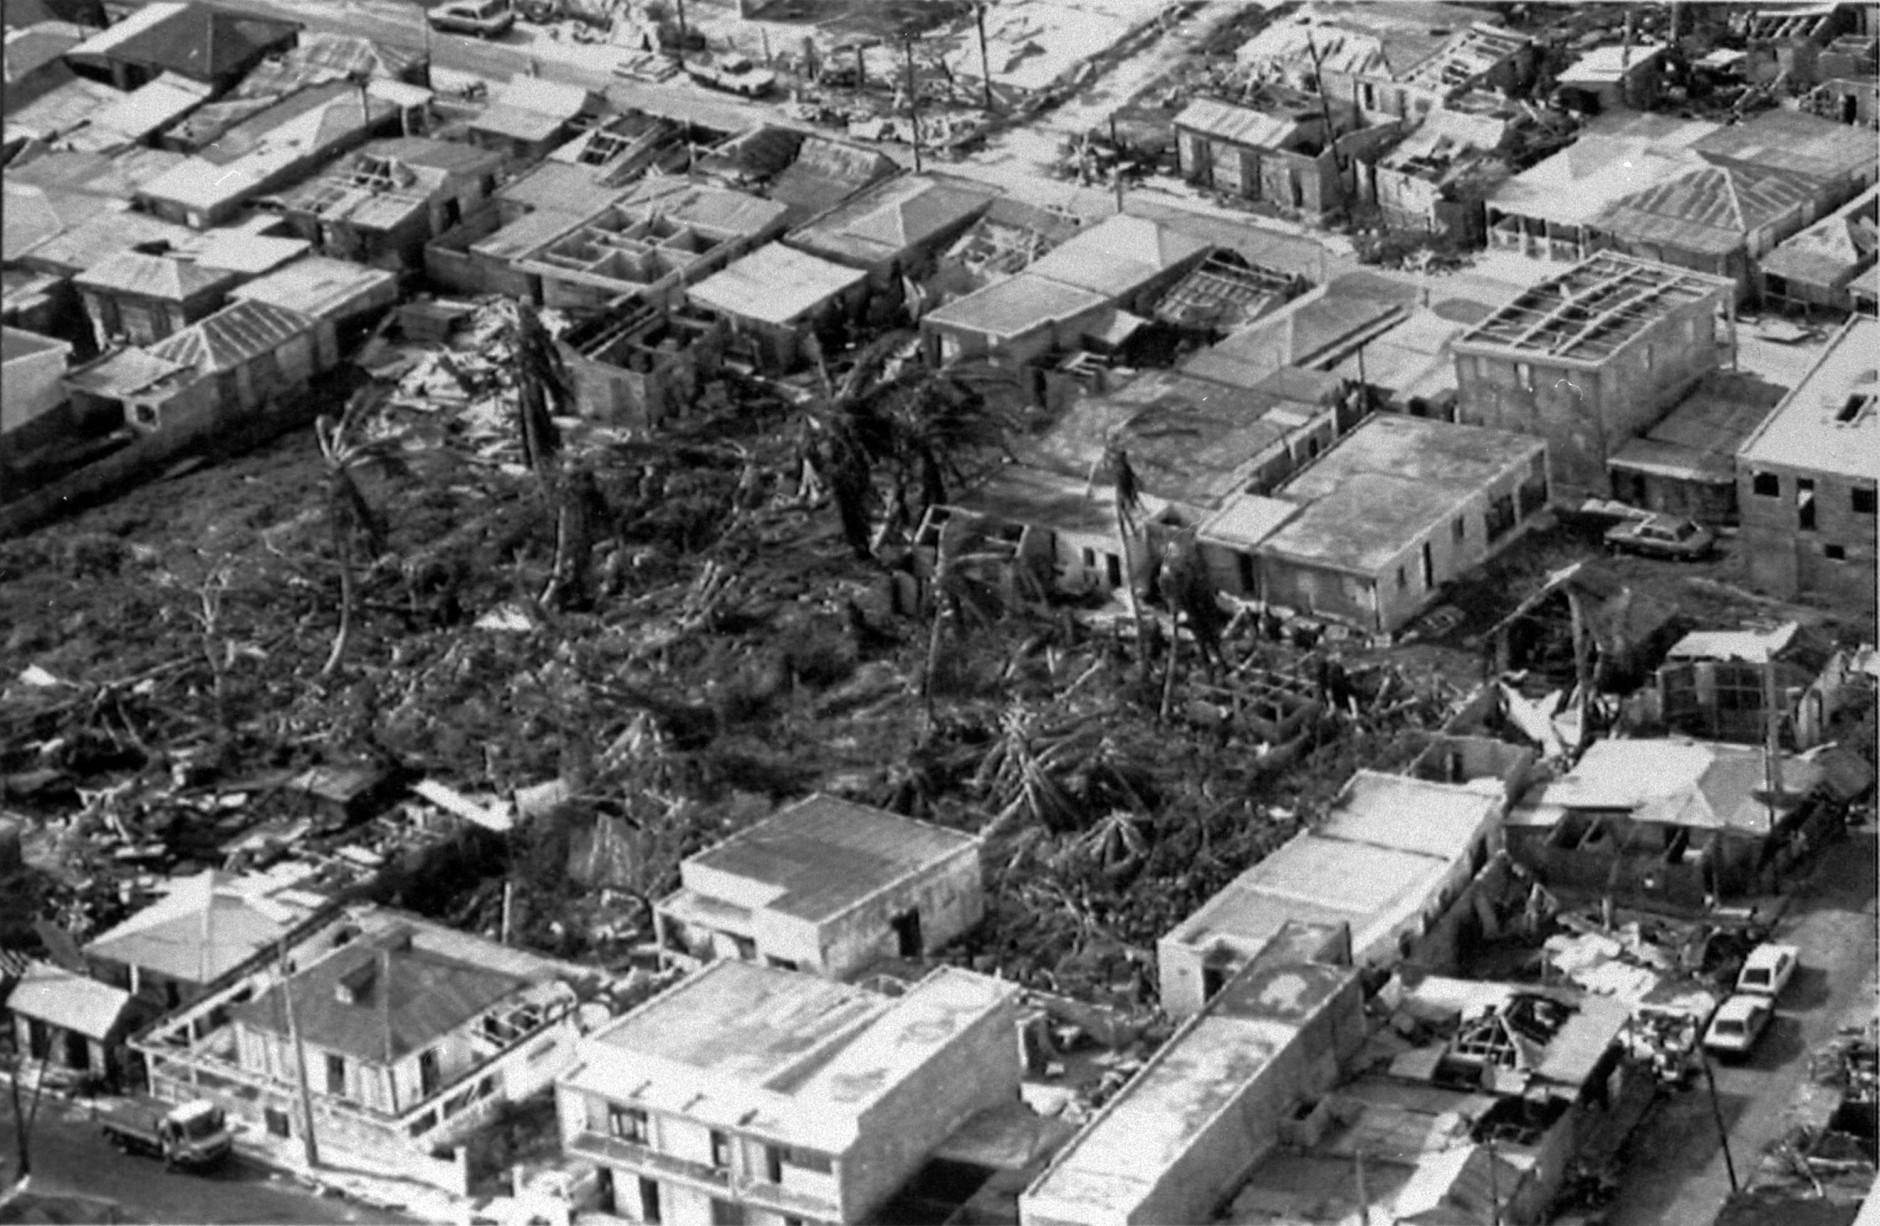 In 1989, Hurricane Hugo crashed into Charleston, South Carolina.(AP Photo)